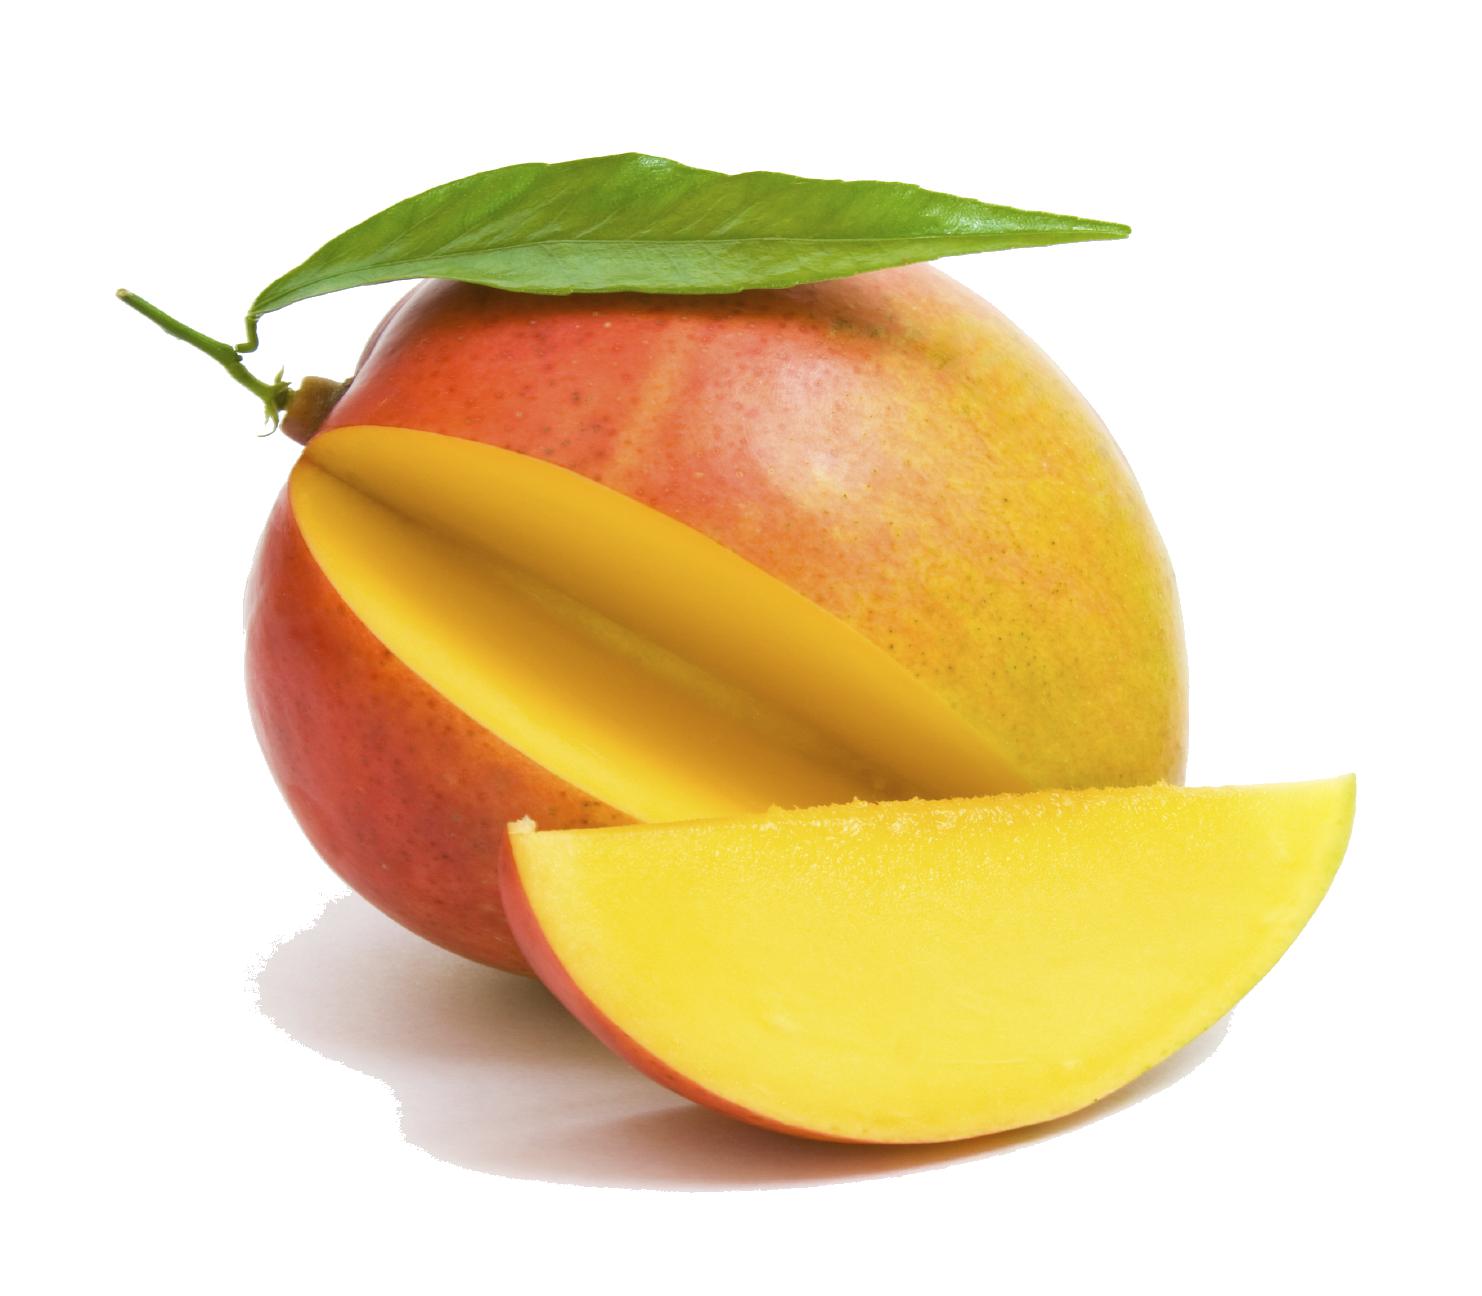 Mango Free Download Png PNG Image - Mango HD PNG